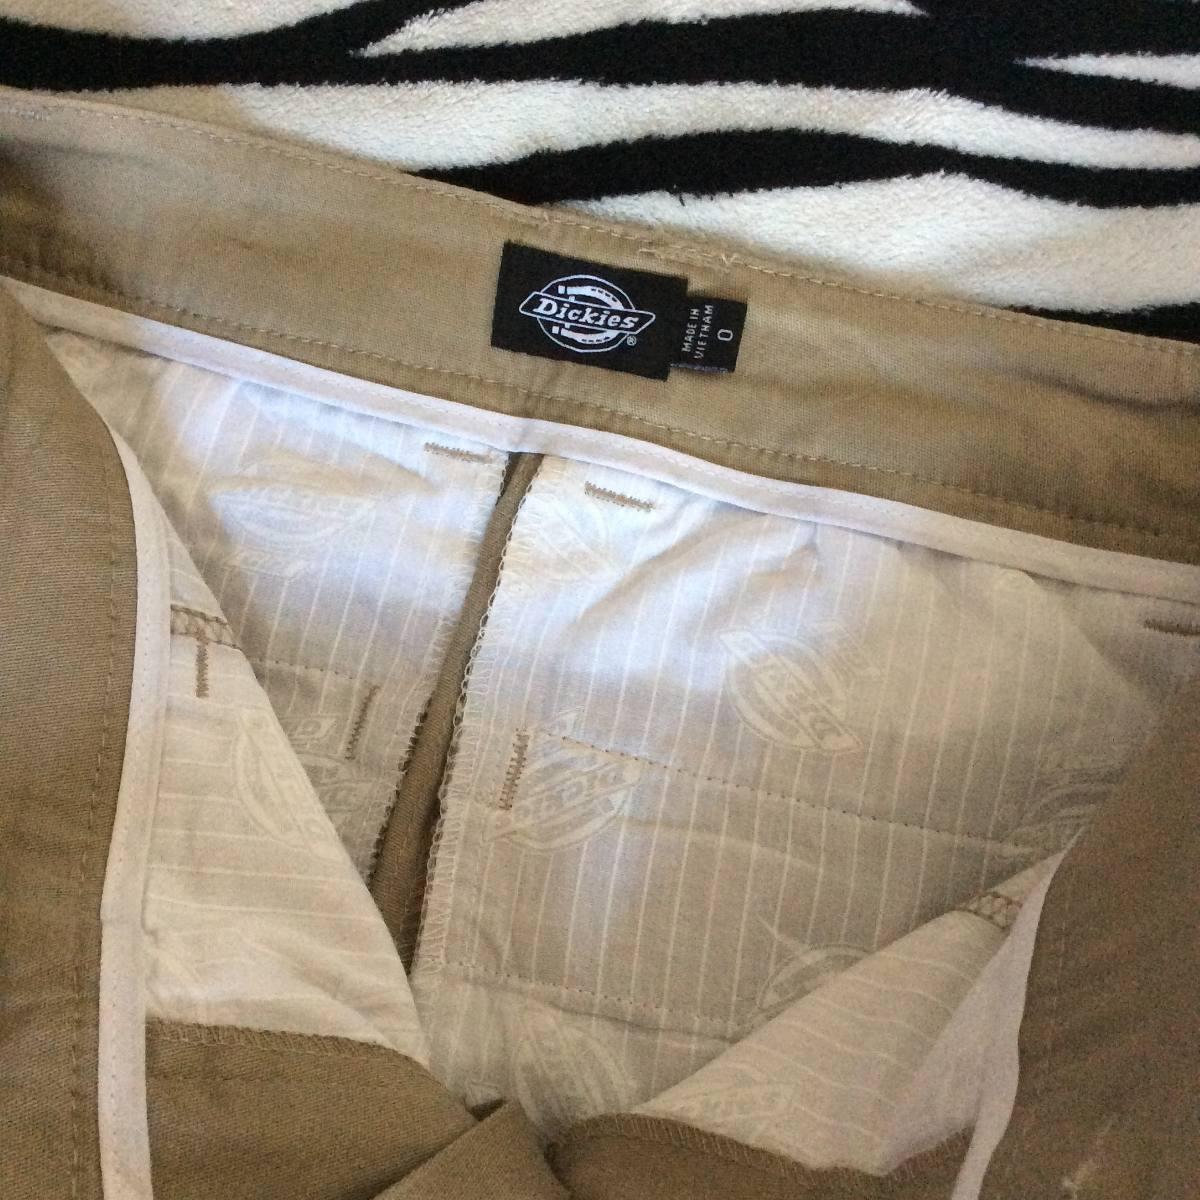 Pantalon Dickies Curvey Slim Fit (talla 0) Mujer Dama ...